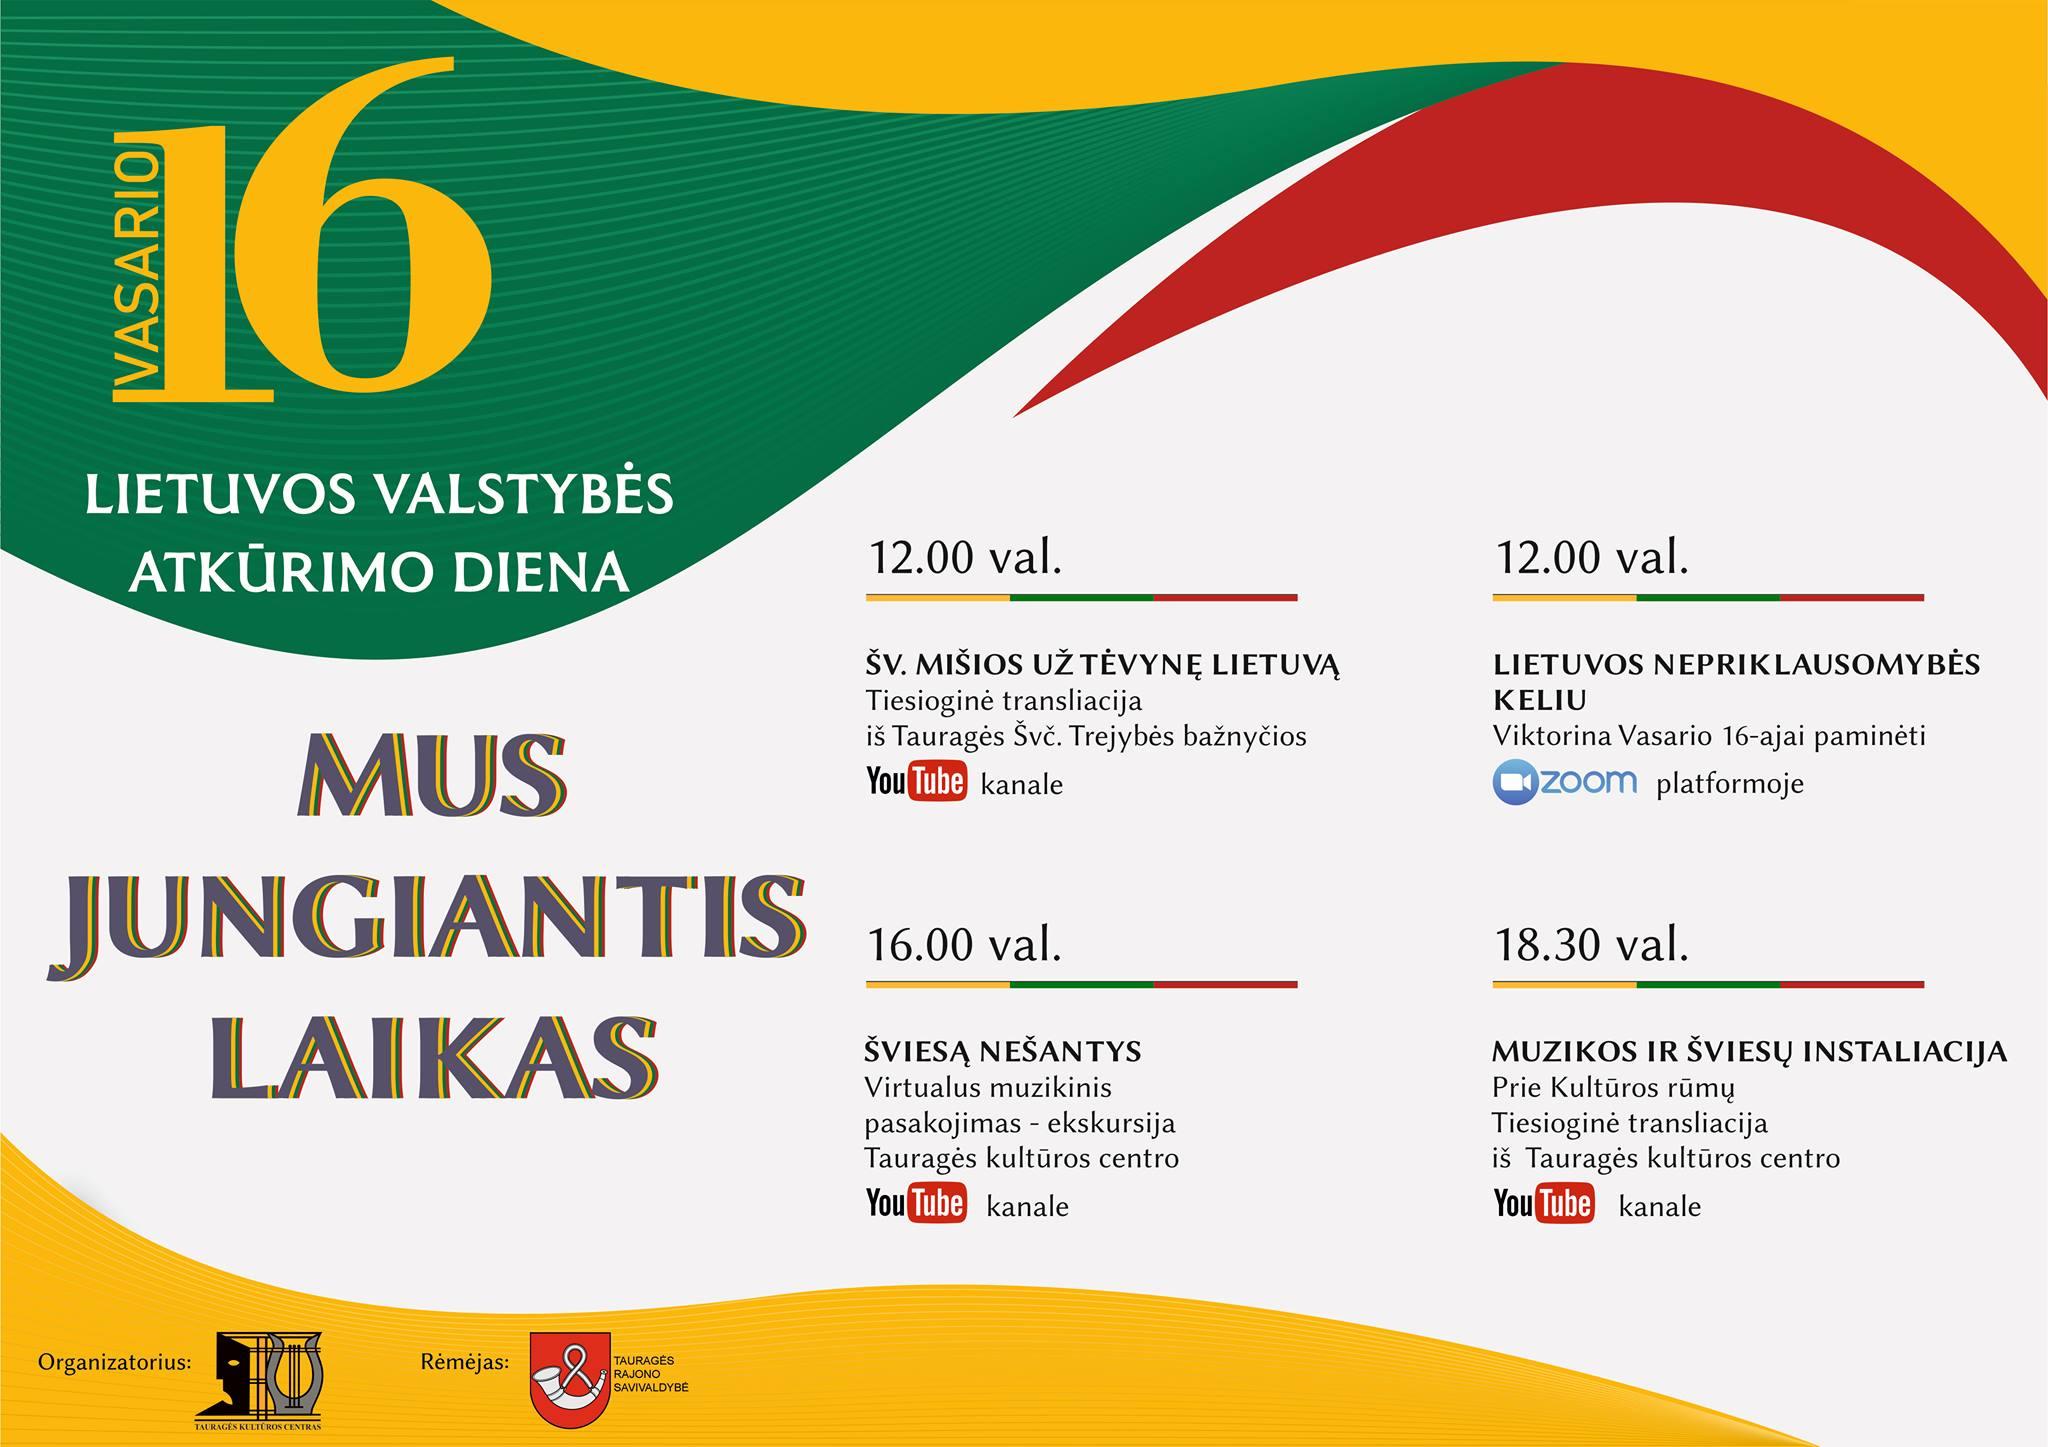 2021-02-10 Tauragės kultūros centras kviečia švęsti Lietuvos Valstybės atkūrimo šventę